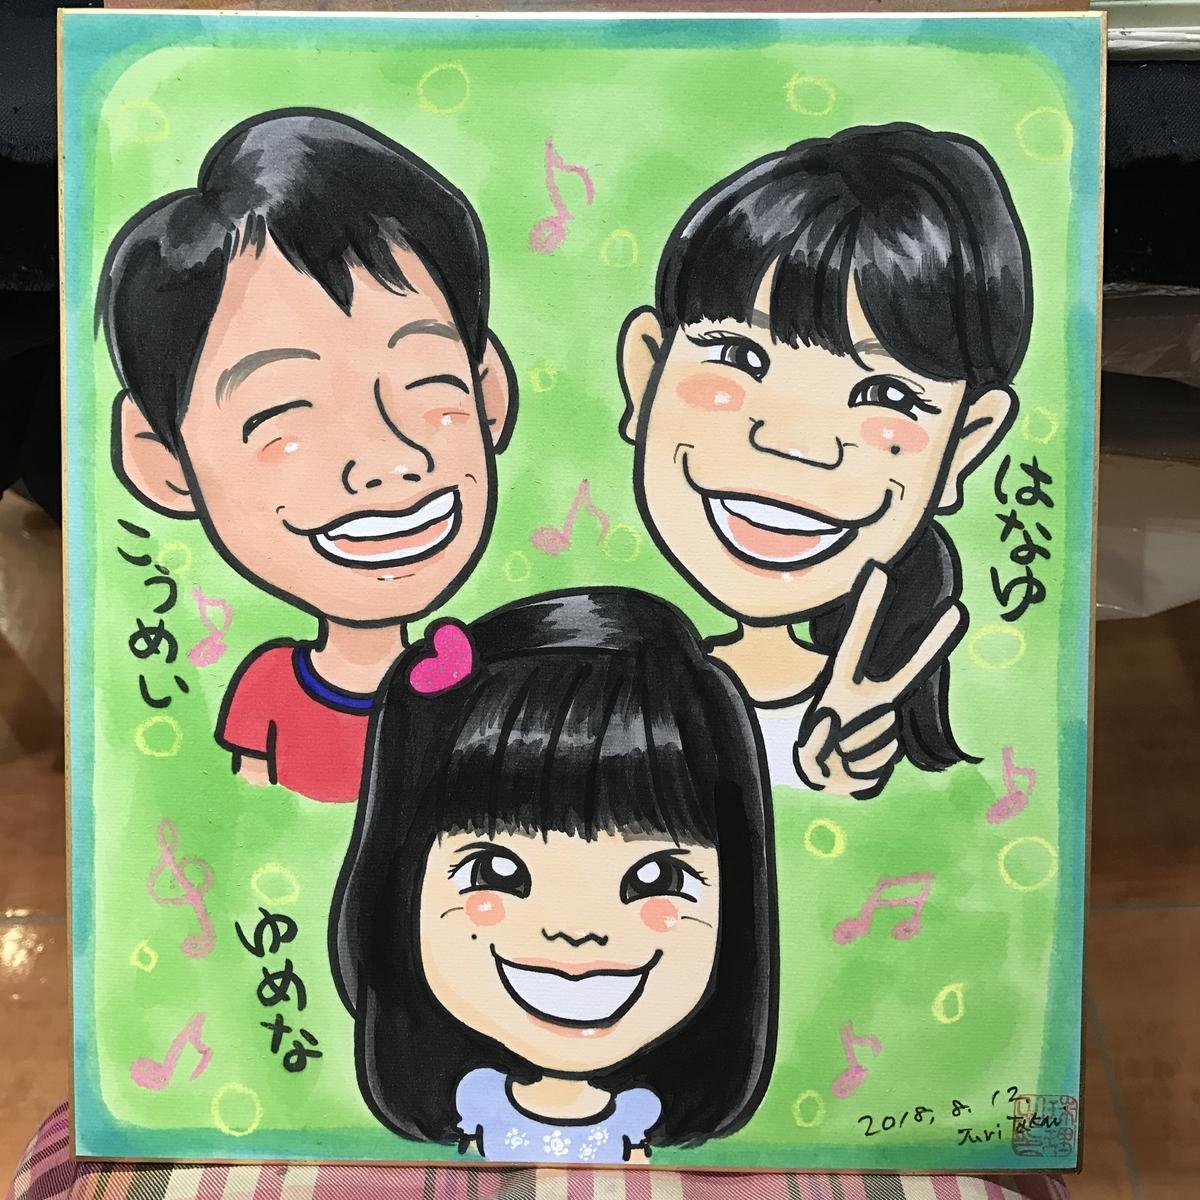 子ども3人の似顔絵